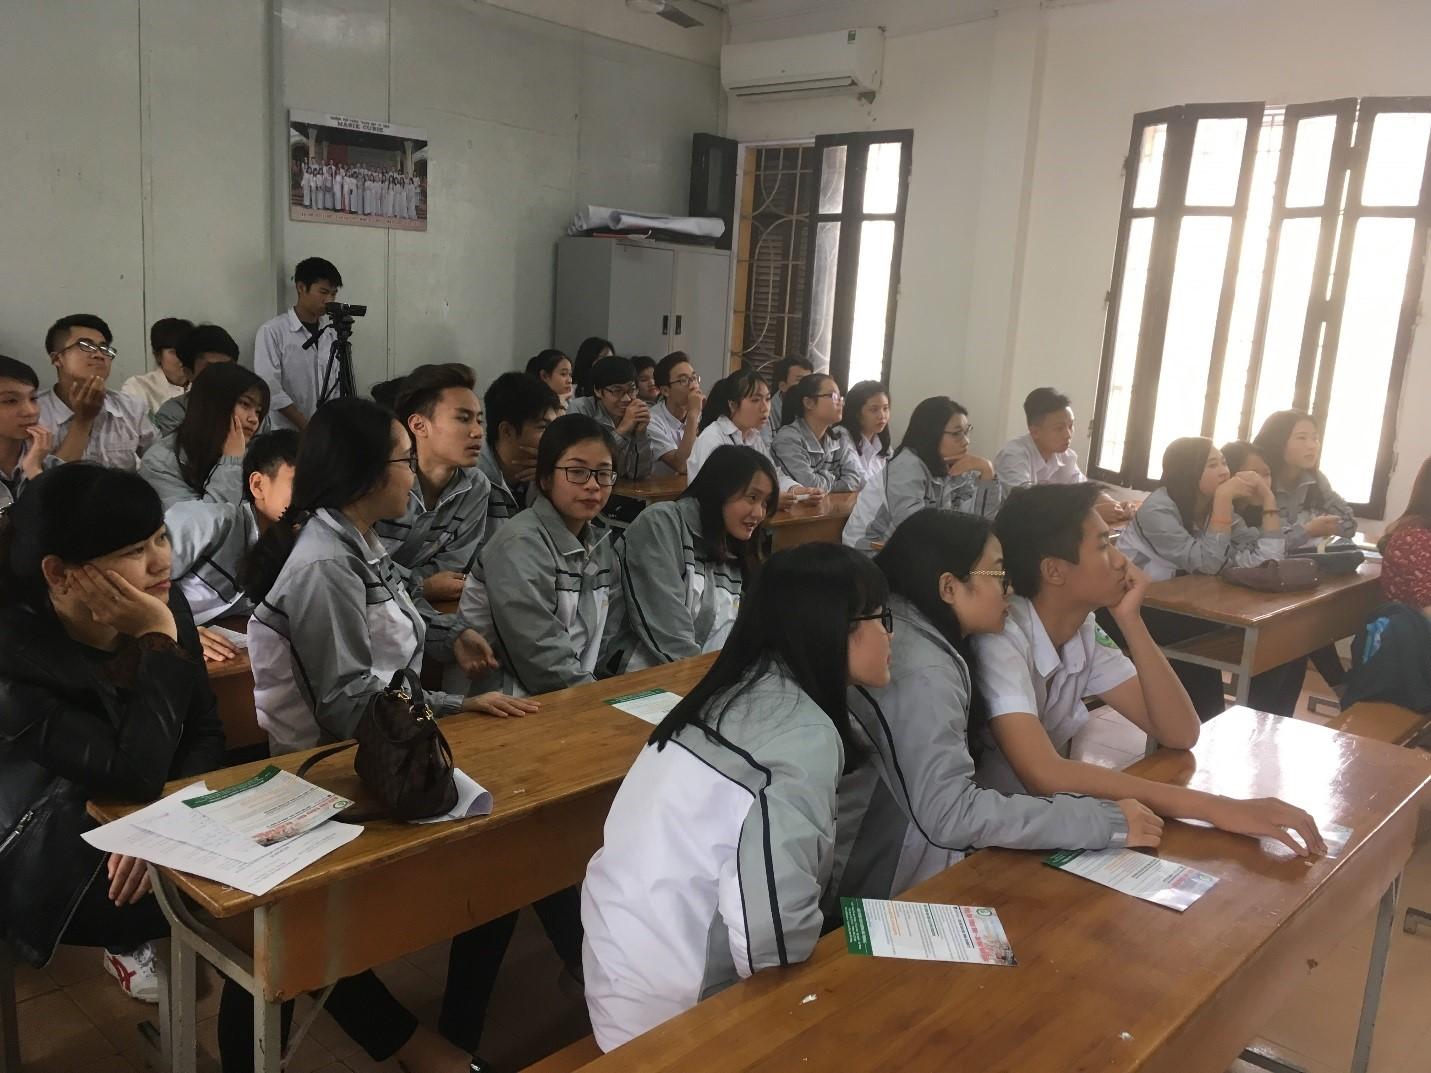 Hình ảnh: 30 học sinh ưu tú lớp tiếng Nhật khối 10, 11 trong buổi giao lưu văn hoá